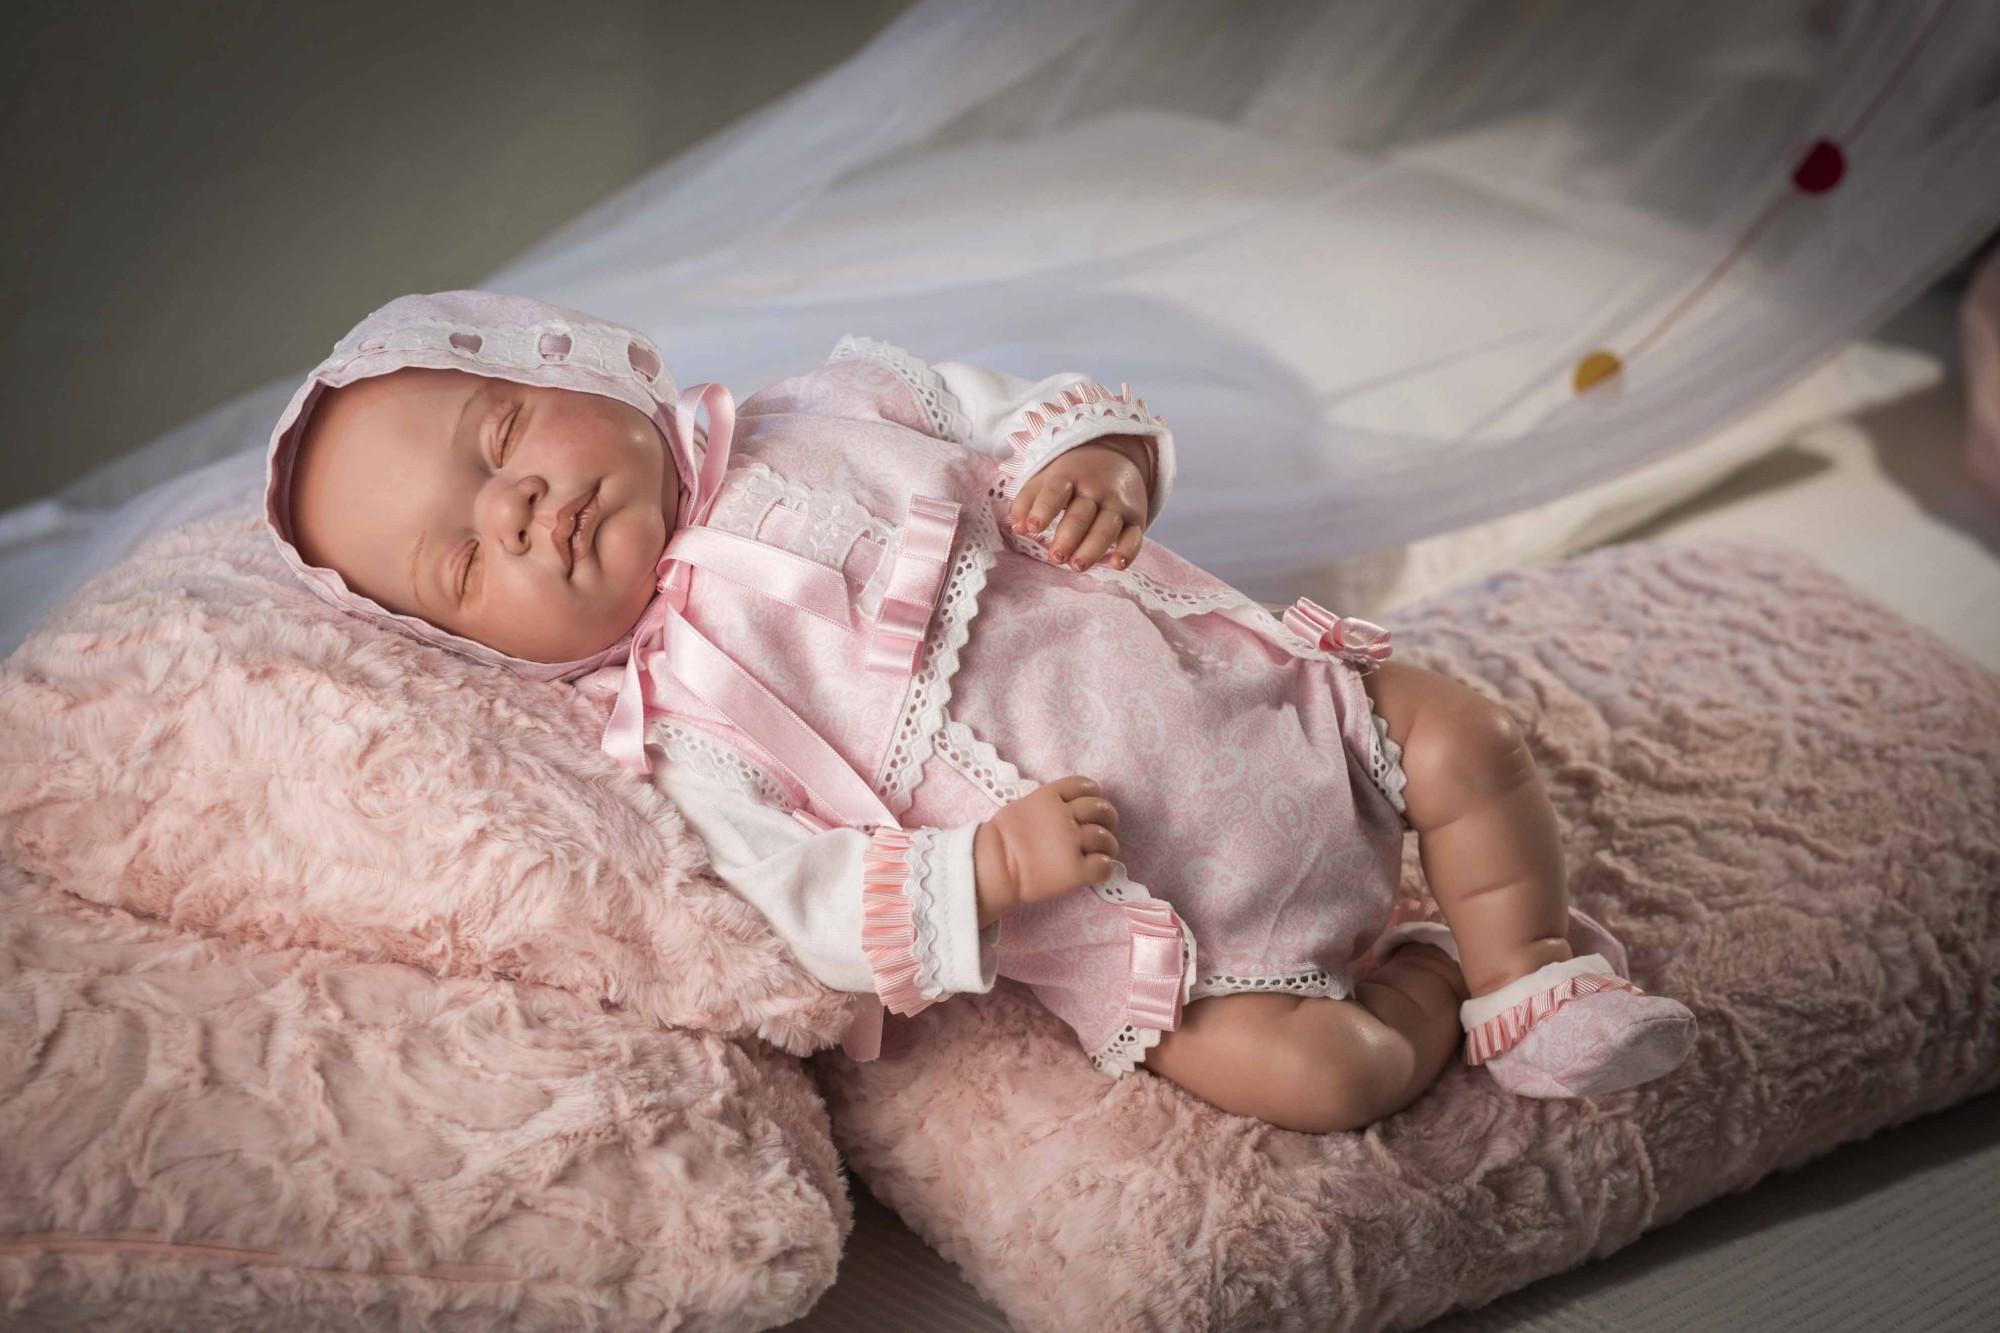 Кукла из коллекции ReBorns - Новорожденный пупс, 45 см, в розовой одежде, виниловый фото